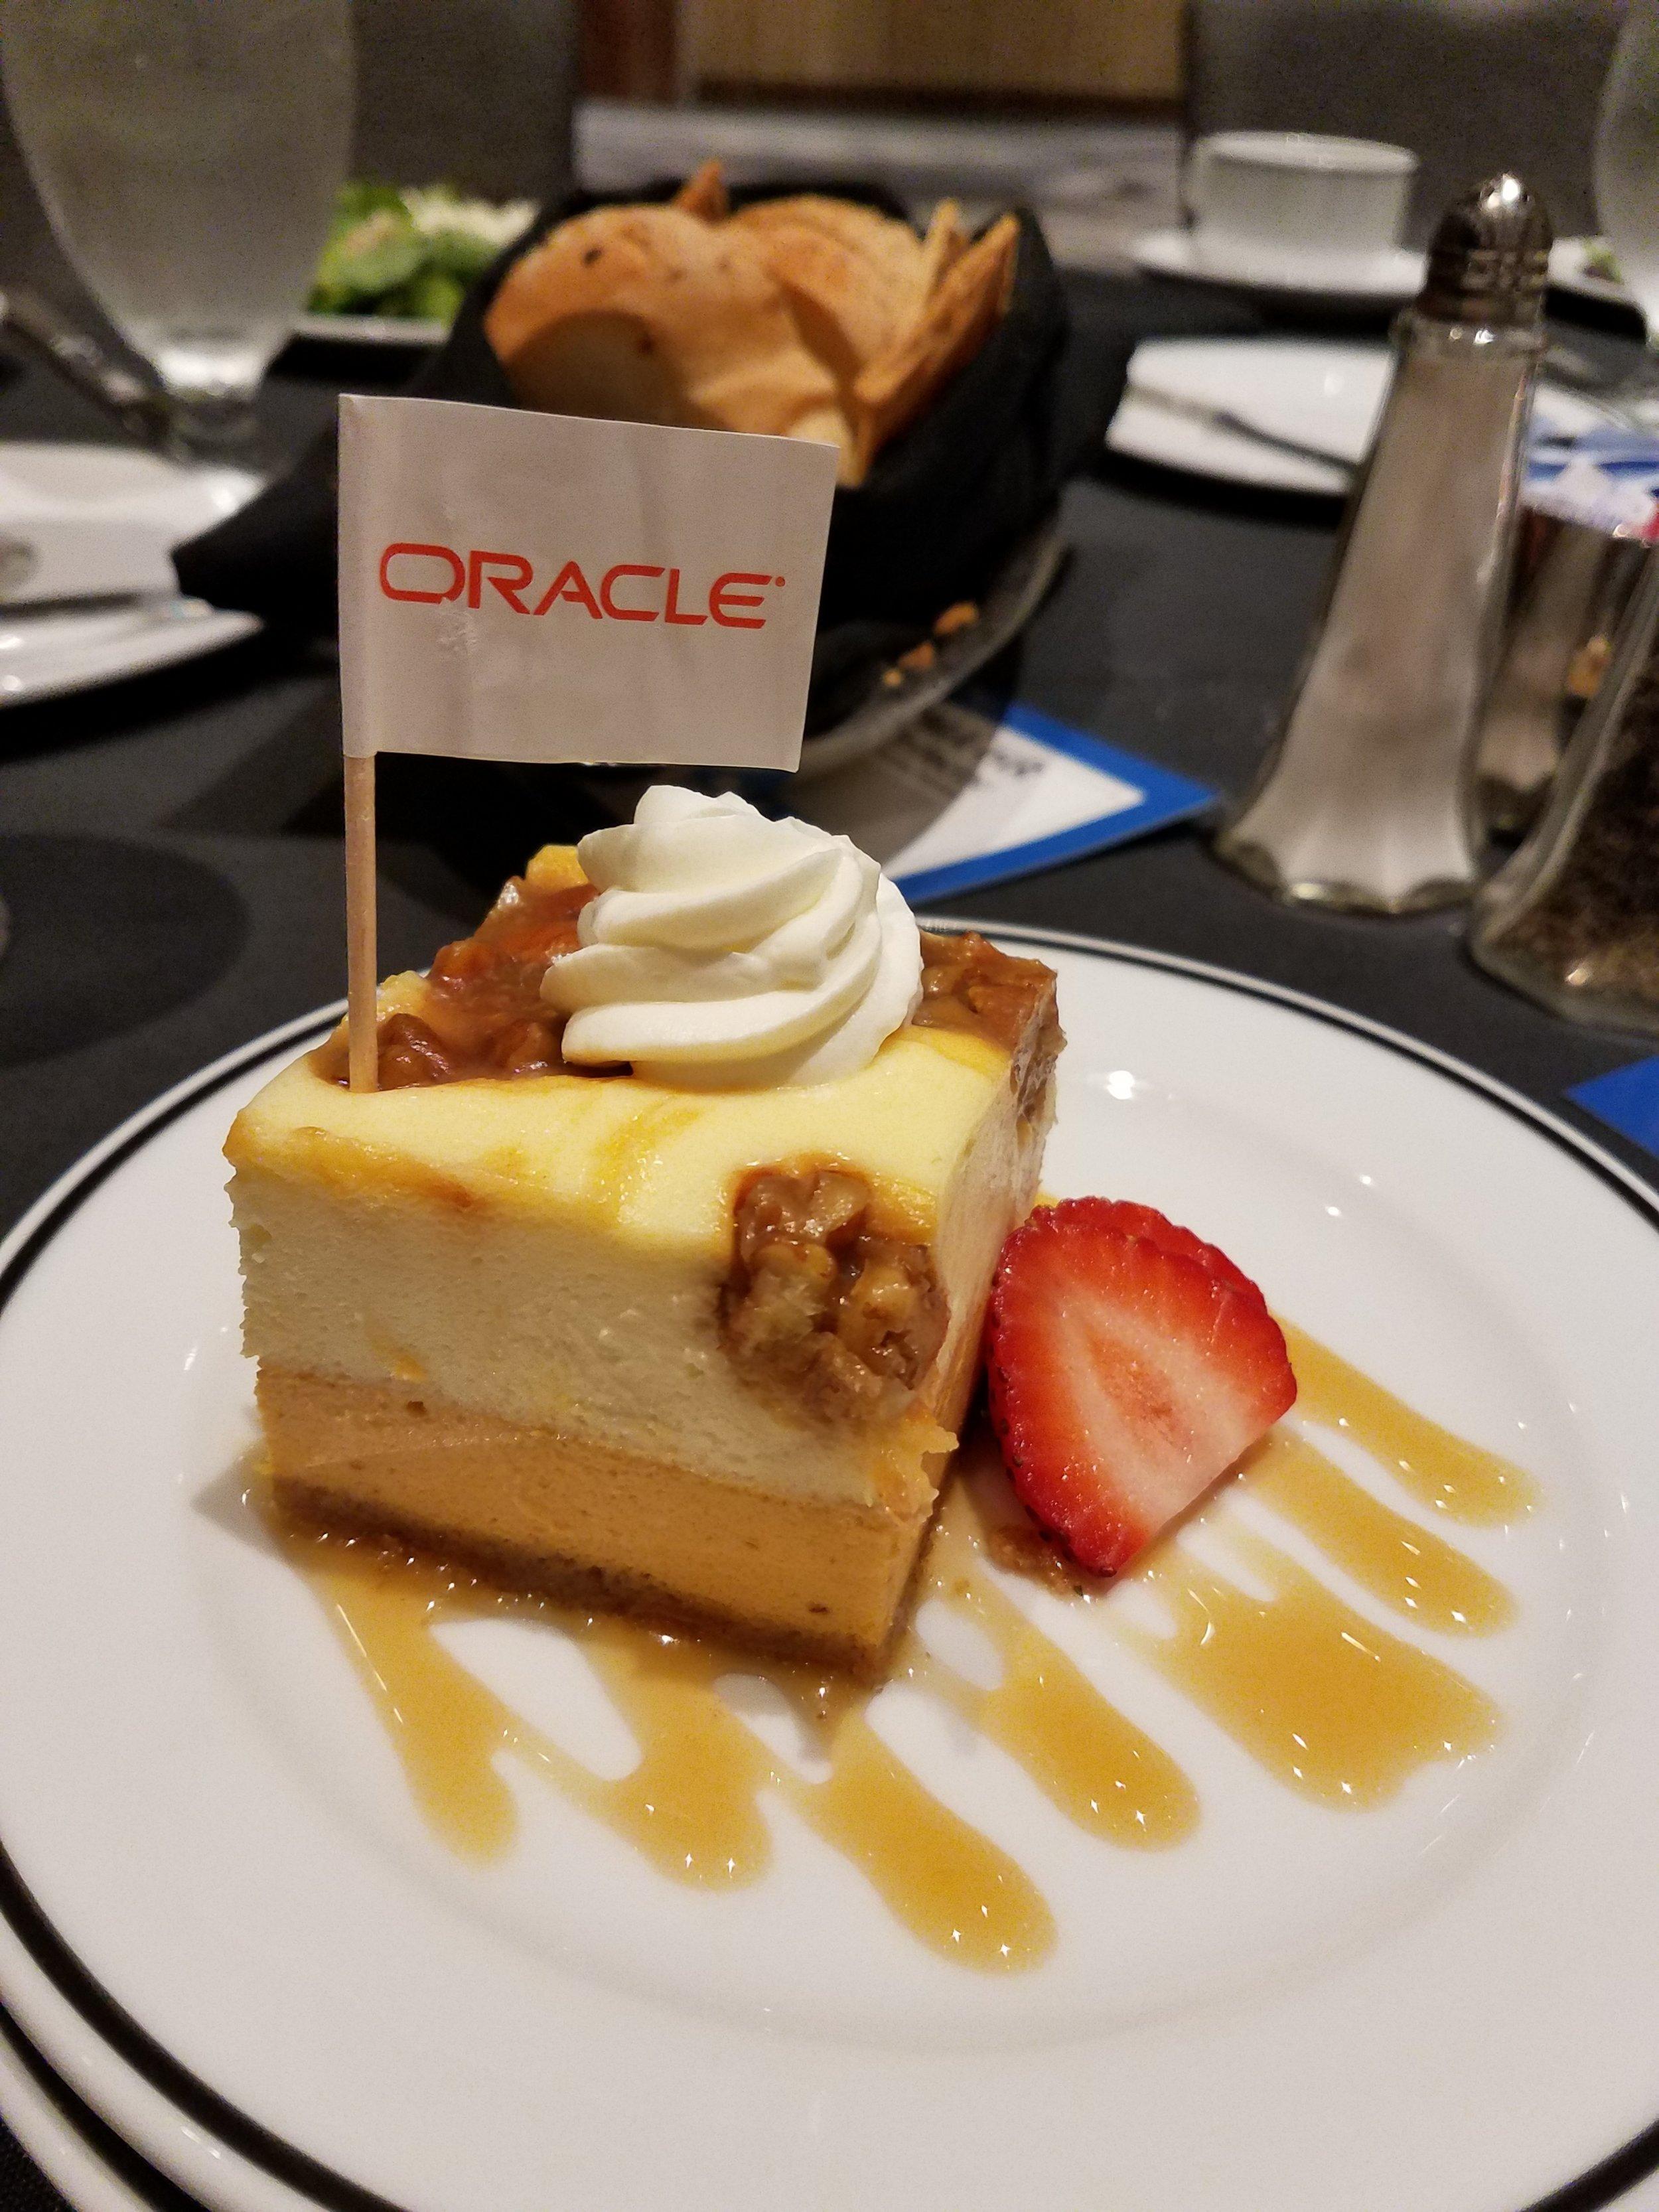 OracleBranding.jpg